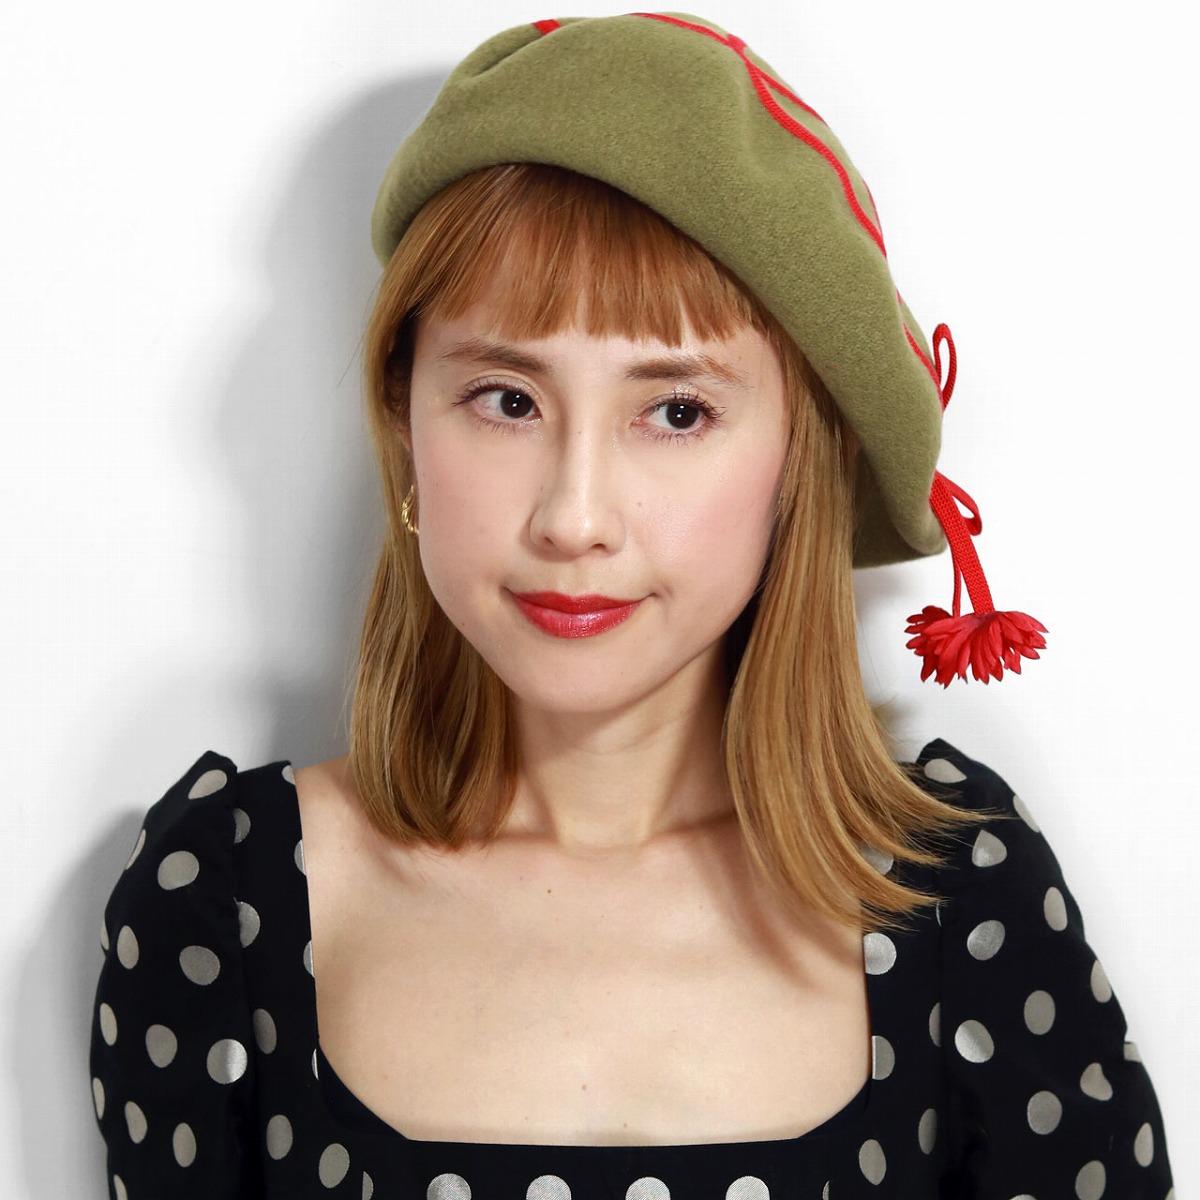 ベレー帽 クラシカル バラ色の帽子 コードベレー ウール 帽子 エレガント 日本製 秋 冬 Barairo no Boushi リボン 可愛い カーキ グリーン系 うすオリーブ [ beret ] プレゼント 帽子 母の日 ギフト 敬老の日